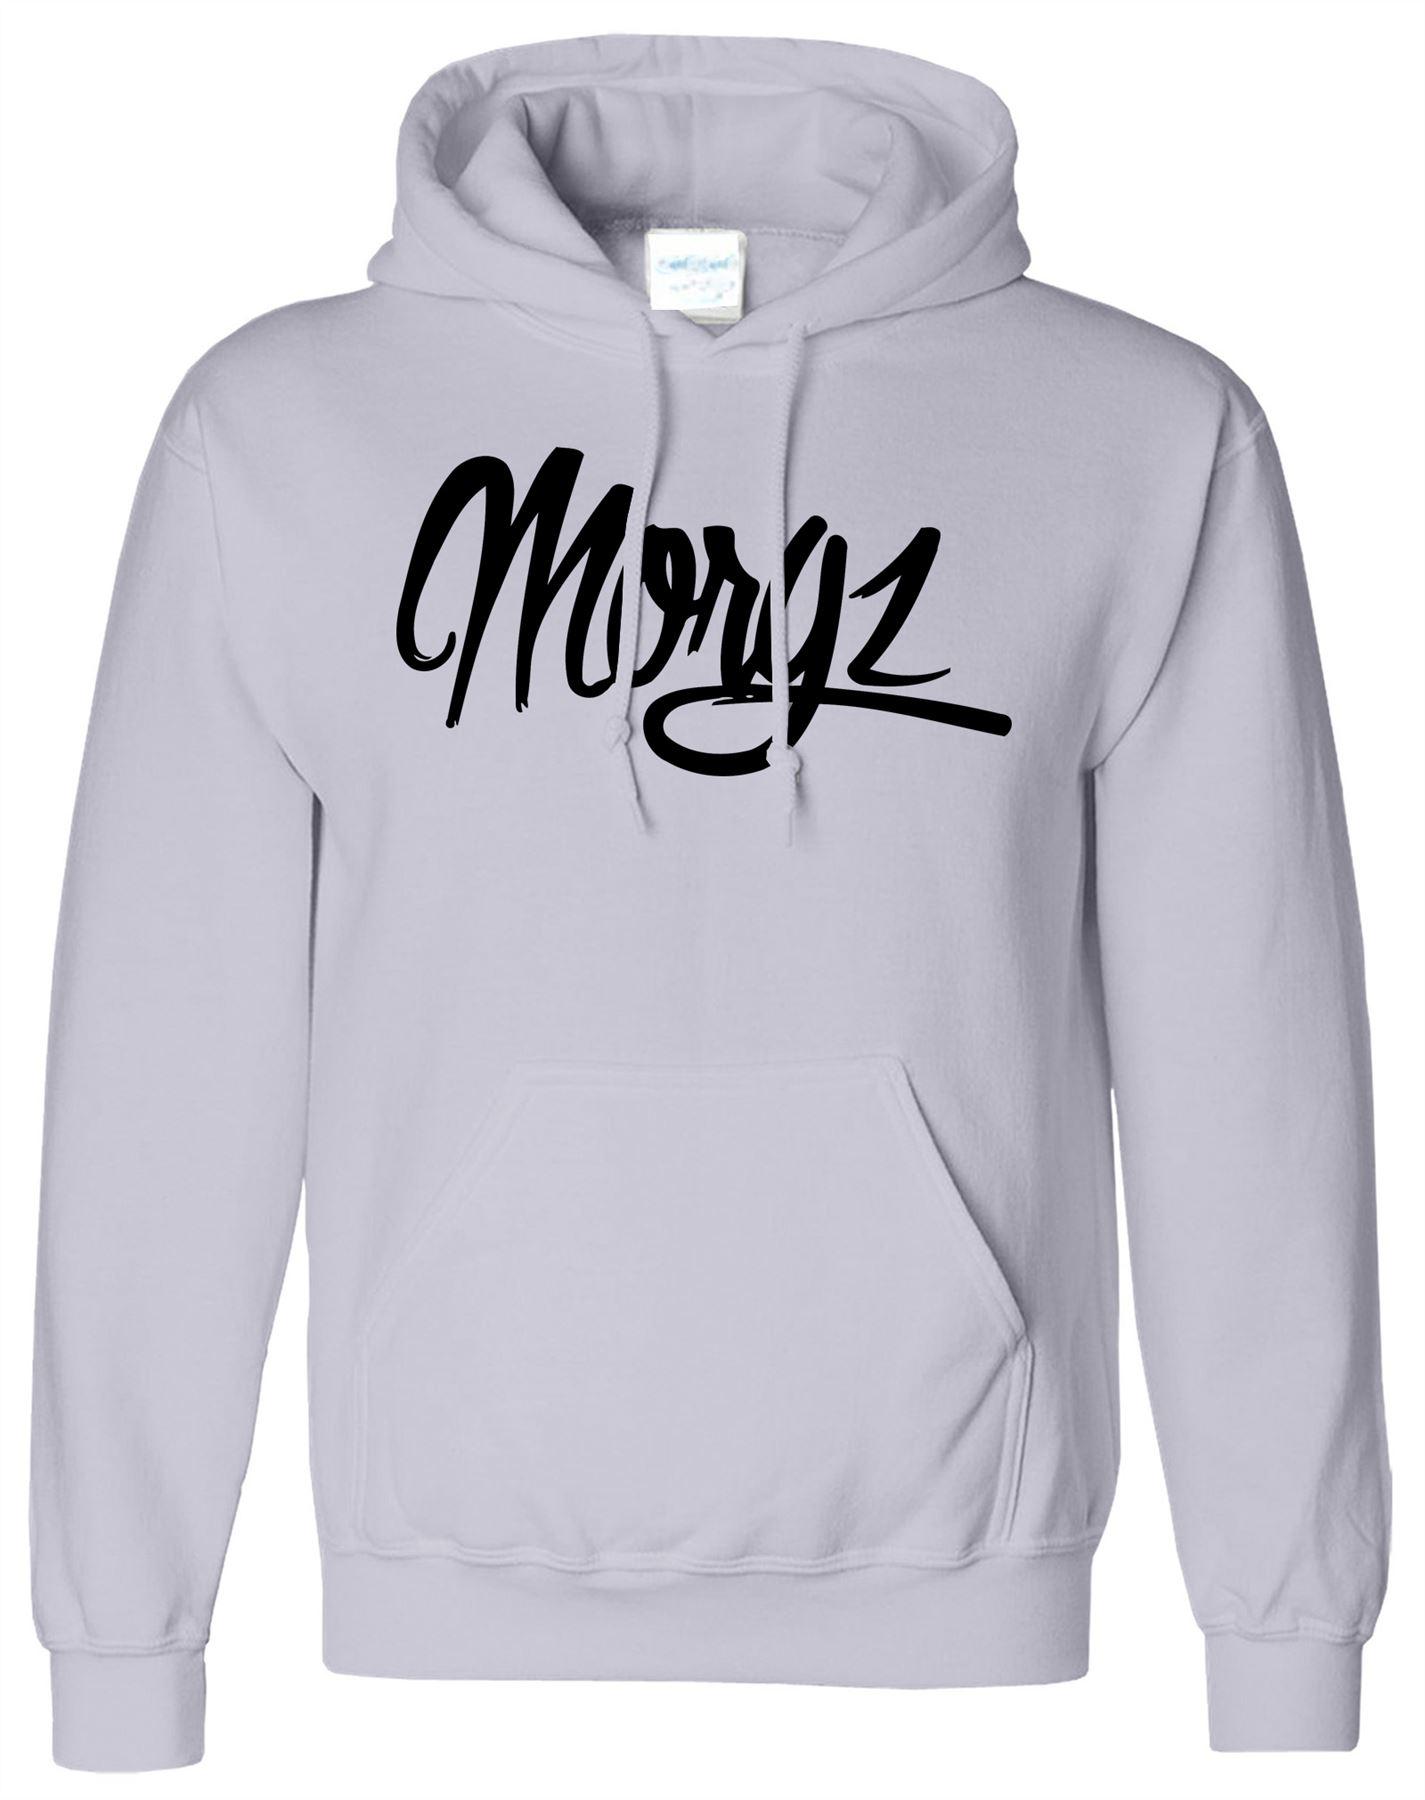 Morgz Half Zip Fleece Inspired Gaming Youtuber Jumper Sweater Gift Top Hoodie